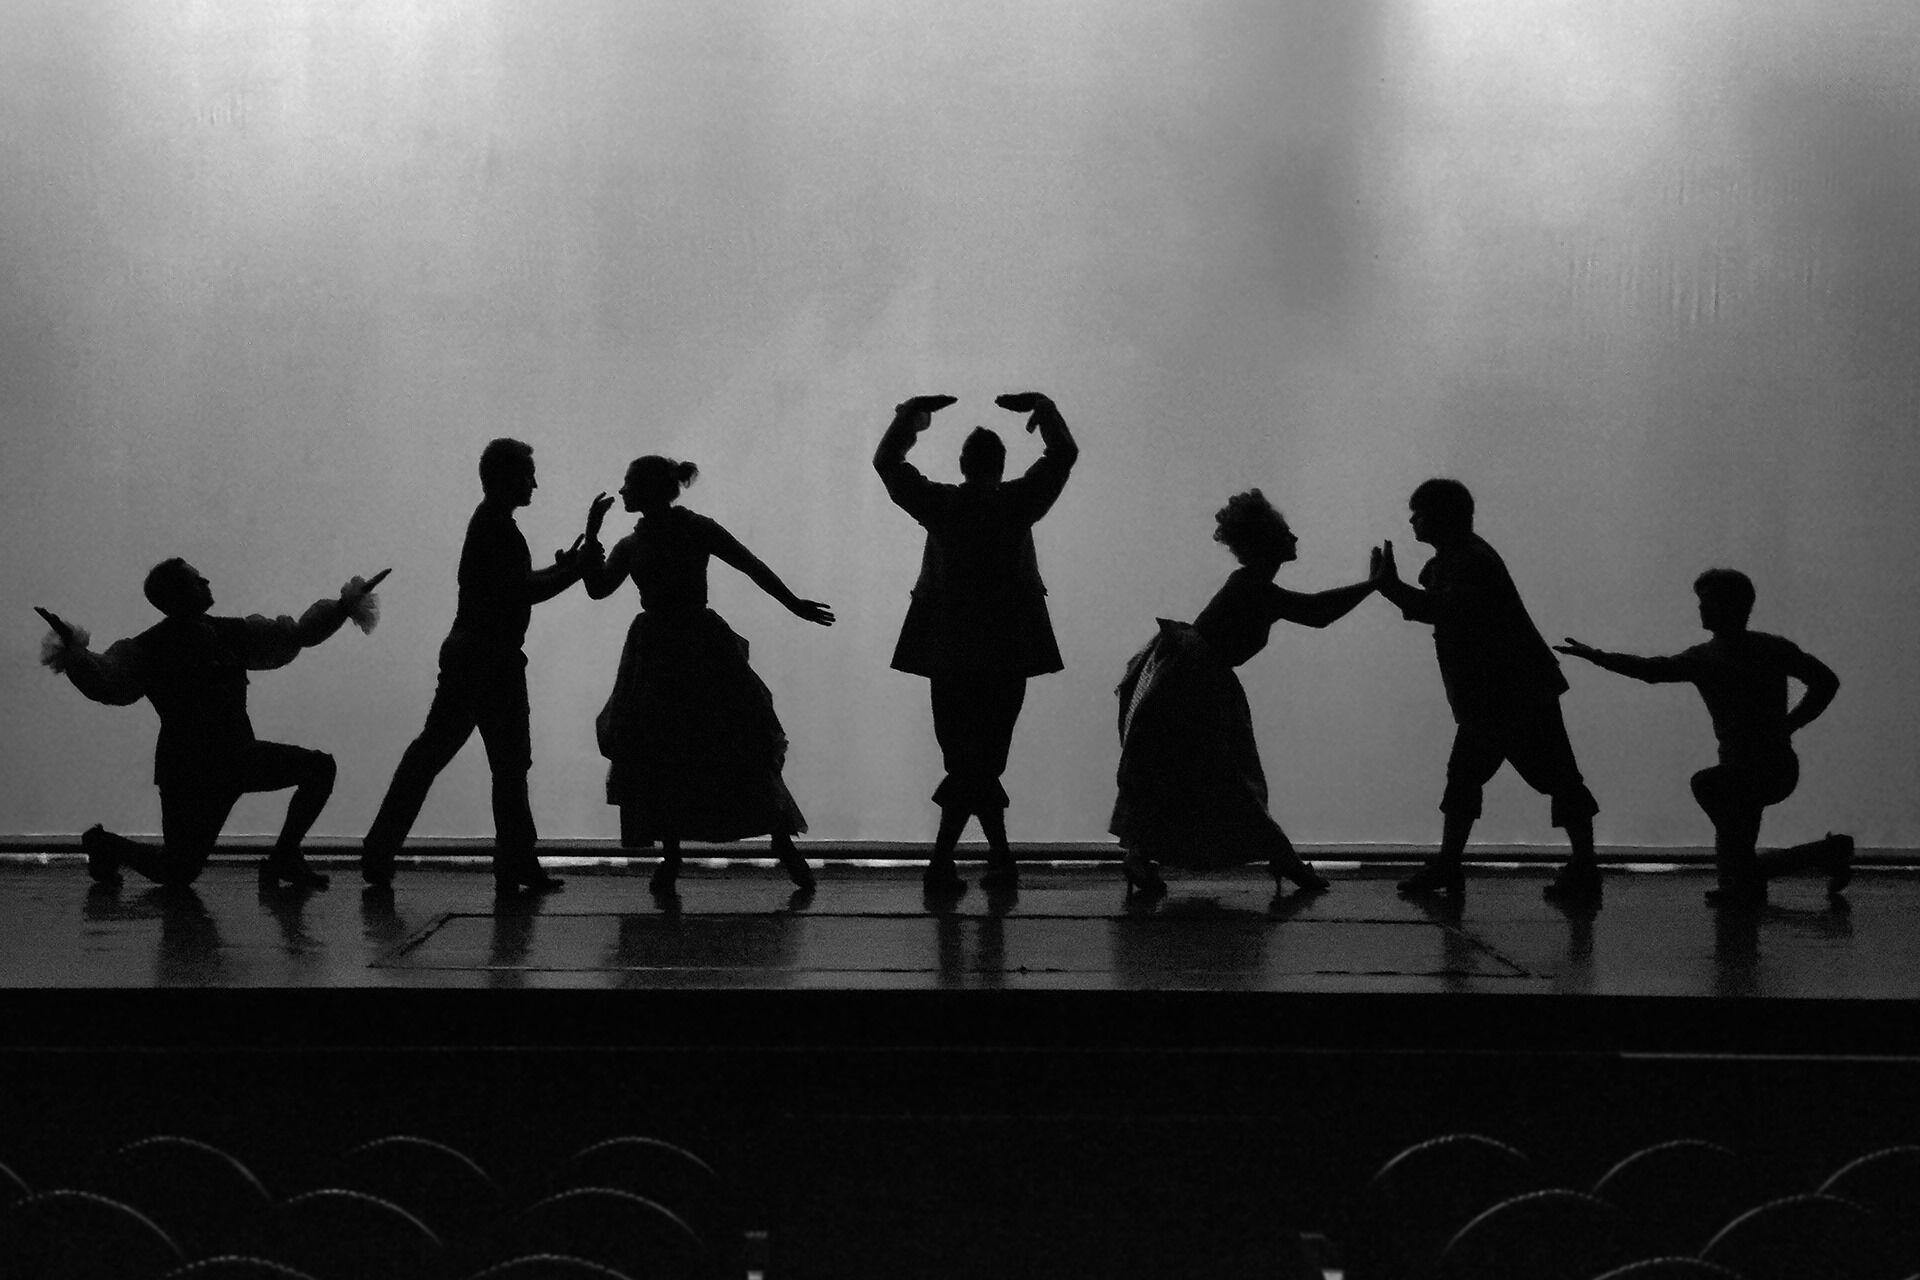 Daniil Migunov. Third place in ART category among amateurs Репетиція музичної паузи, під час зміни декорацій. Вистава Романтики. Театр Колесо.